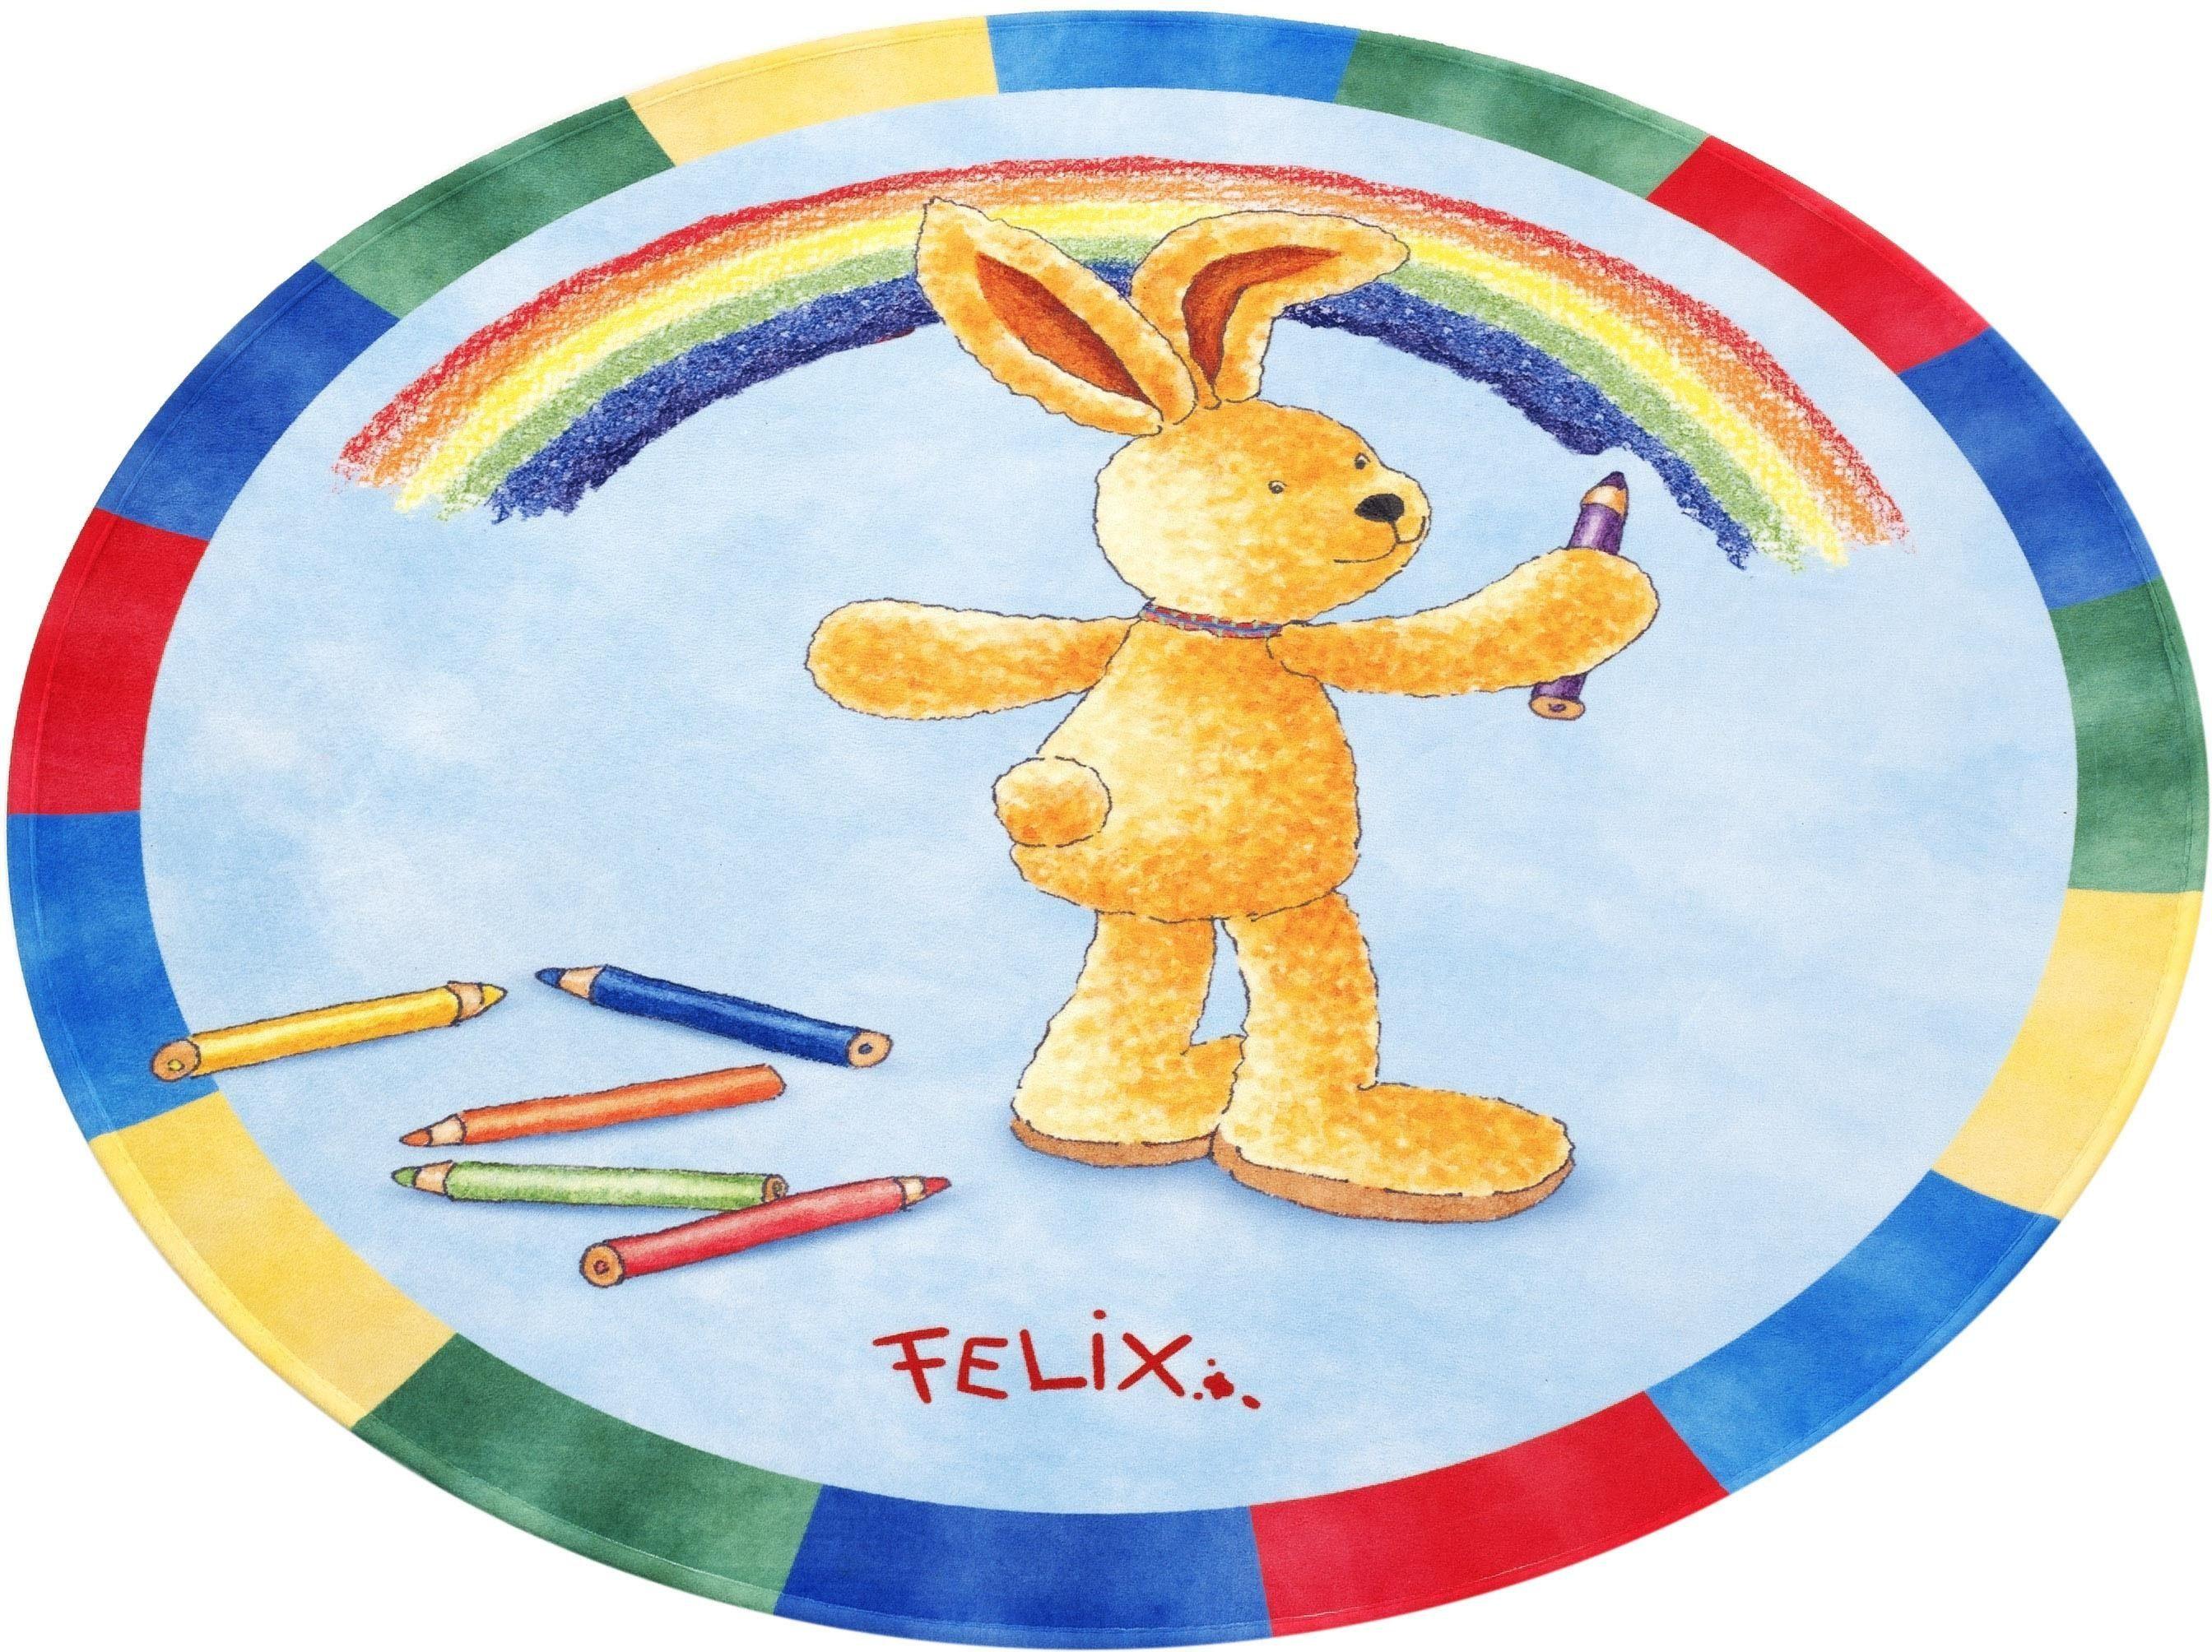 Kinderteppich »FE-412«, Felix der Hase, rund, Höhe 6 mm, Stoff Druck